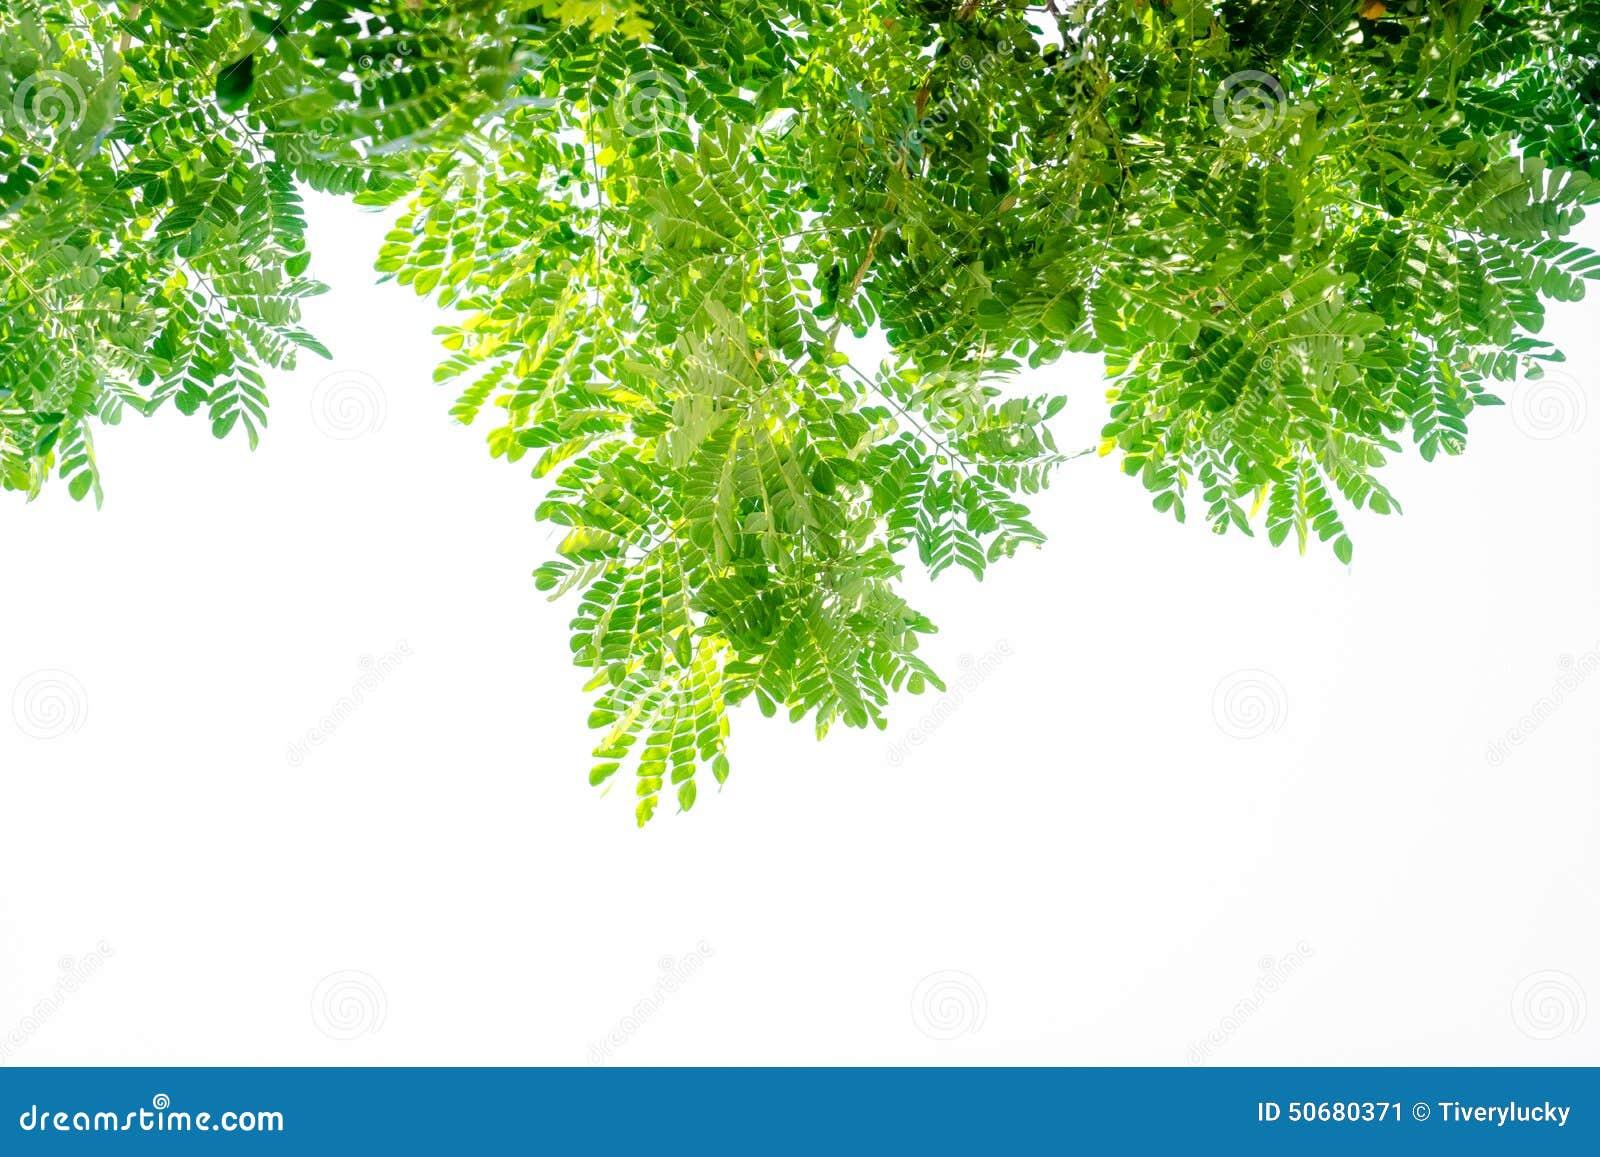 Download 绿色叶子 库存图片. 图片 包括有 详细资料, 颜色, 特写镜头, 框架, 透亮, 森林, 植物群, 室外 - 50680371